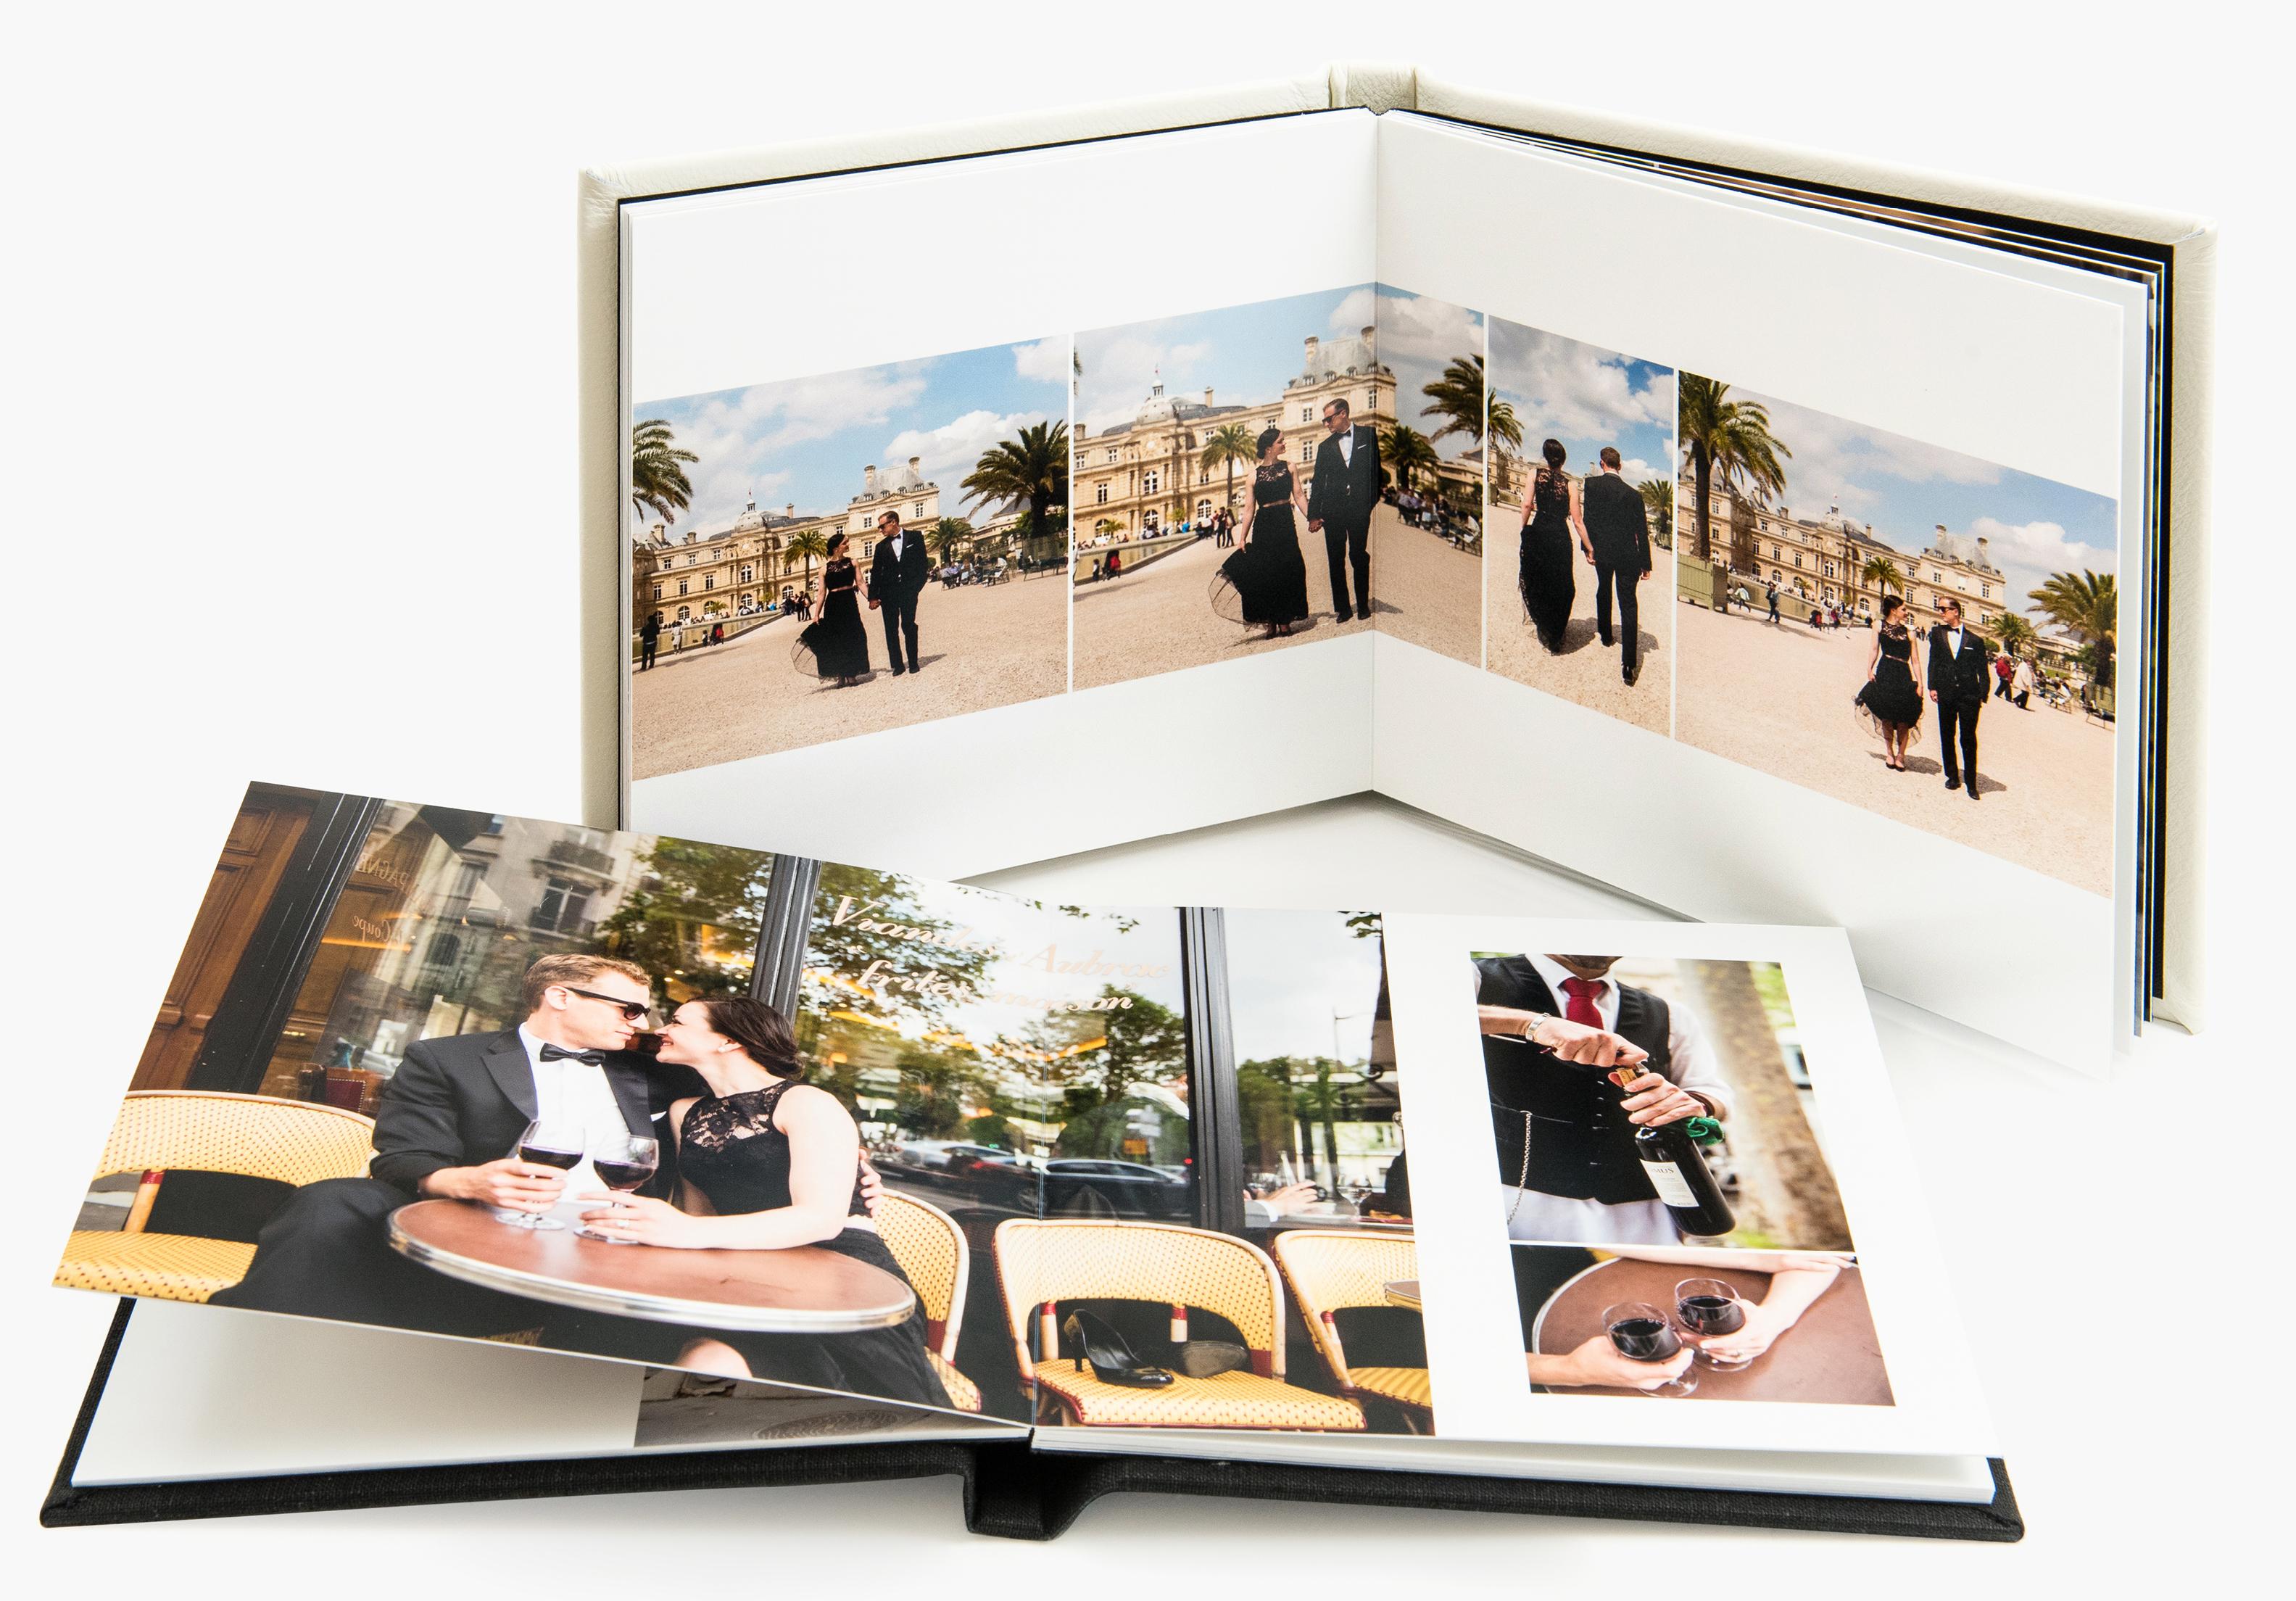 3 sizesof photo albums